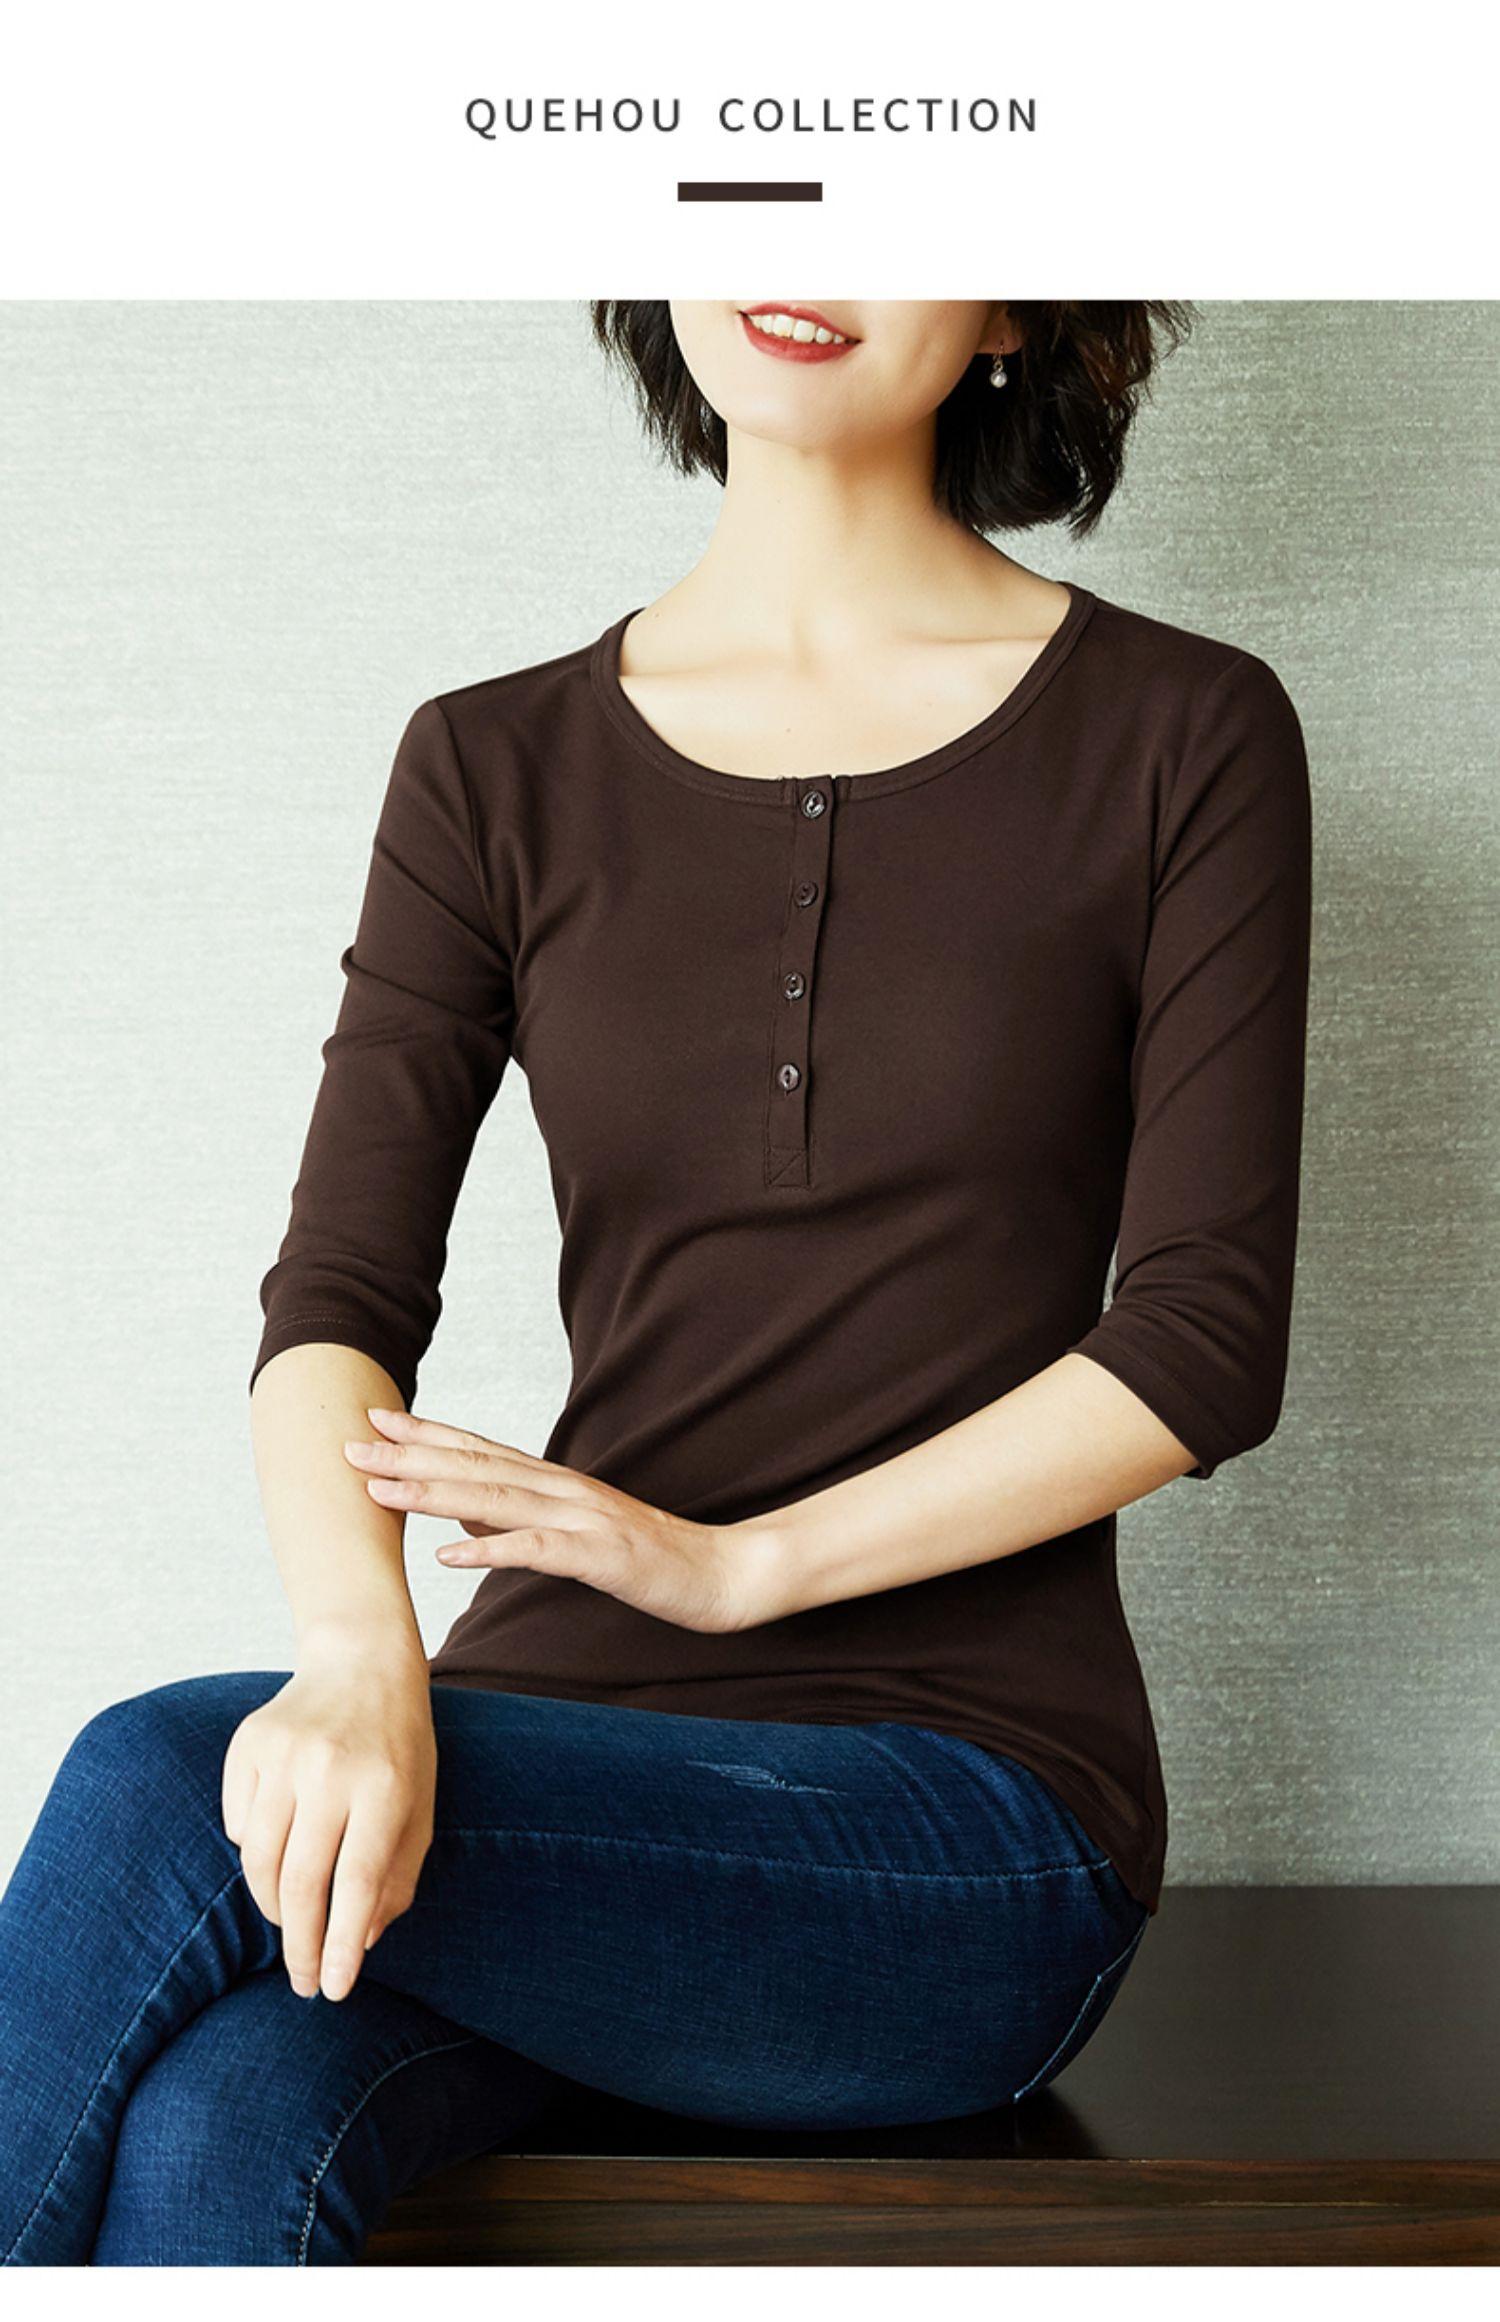 雀后T恤女七分袖圆领短袖针织打底百搭长袖体恤修身中袖上衣夏装商品详情图